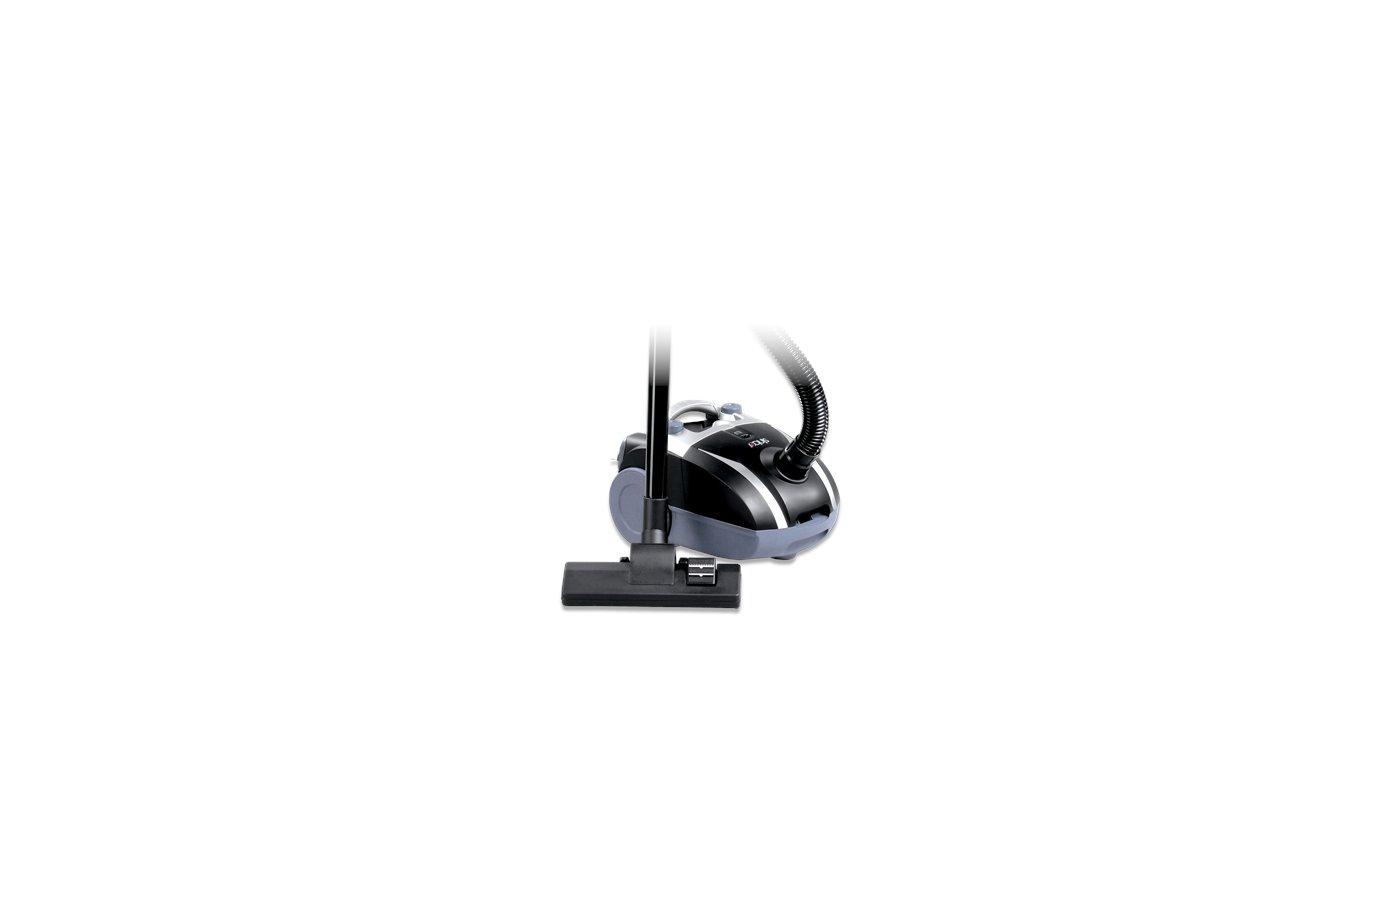 Пылесос SINBO SVC-3446 черный/серебро